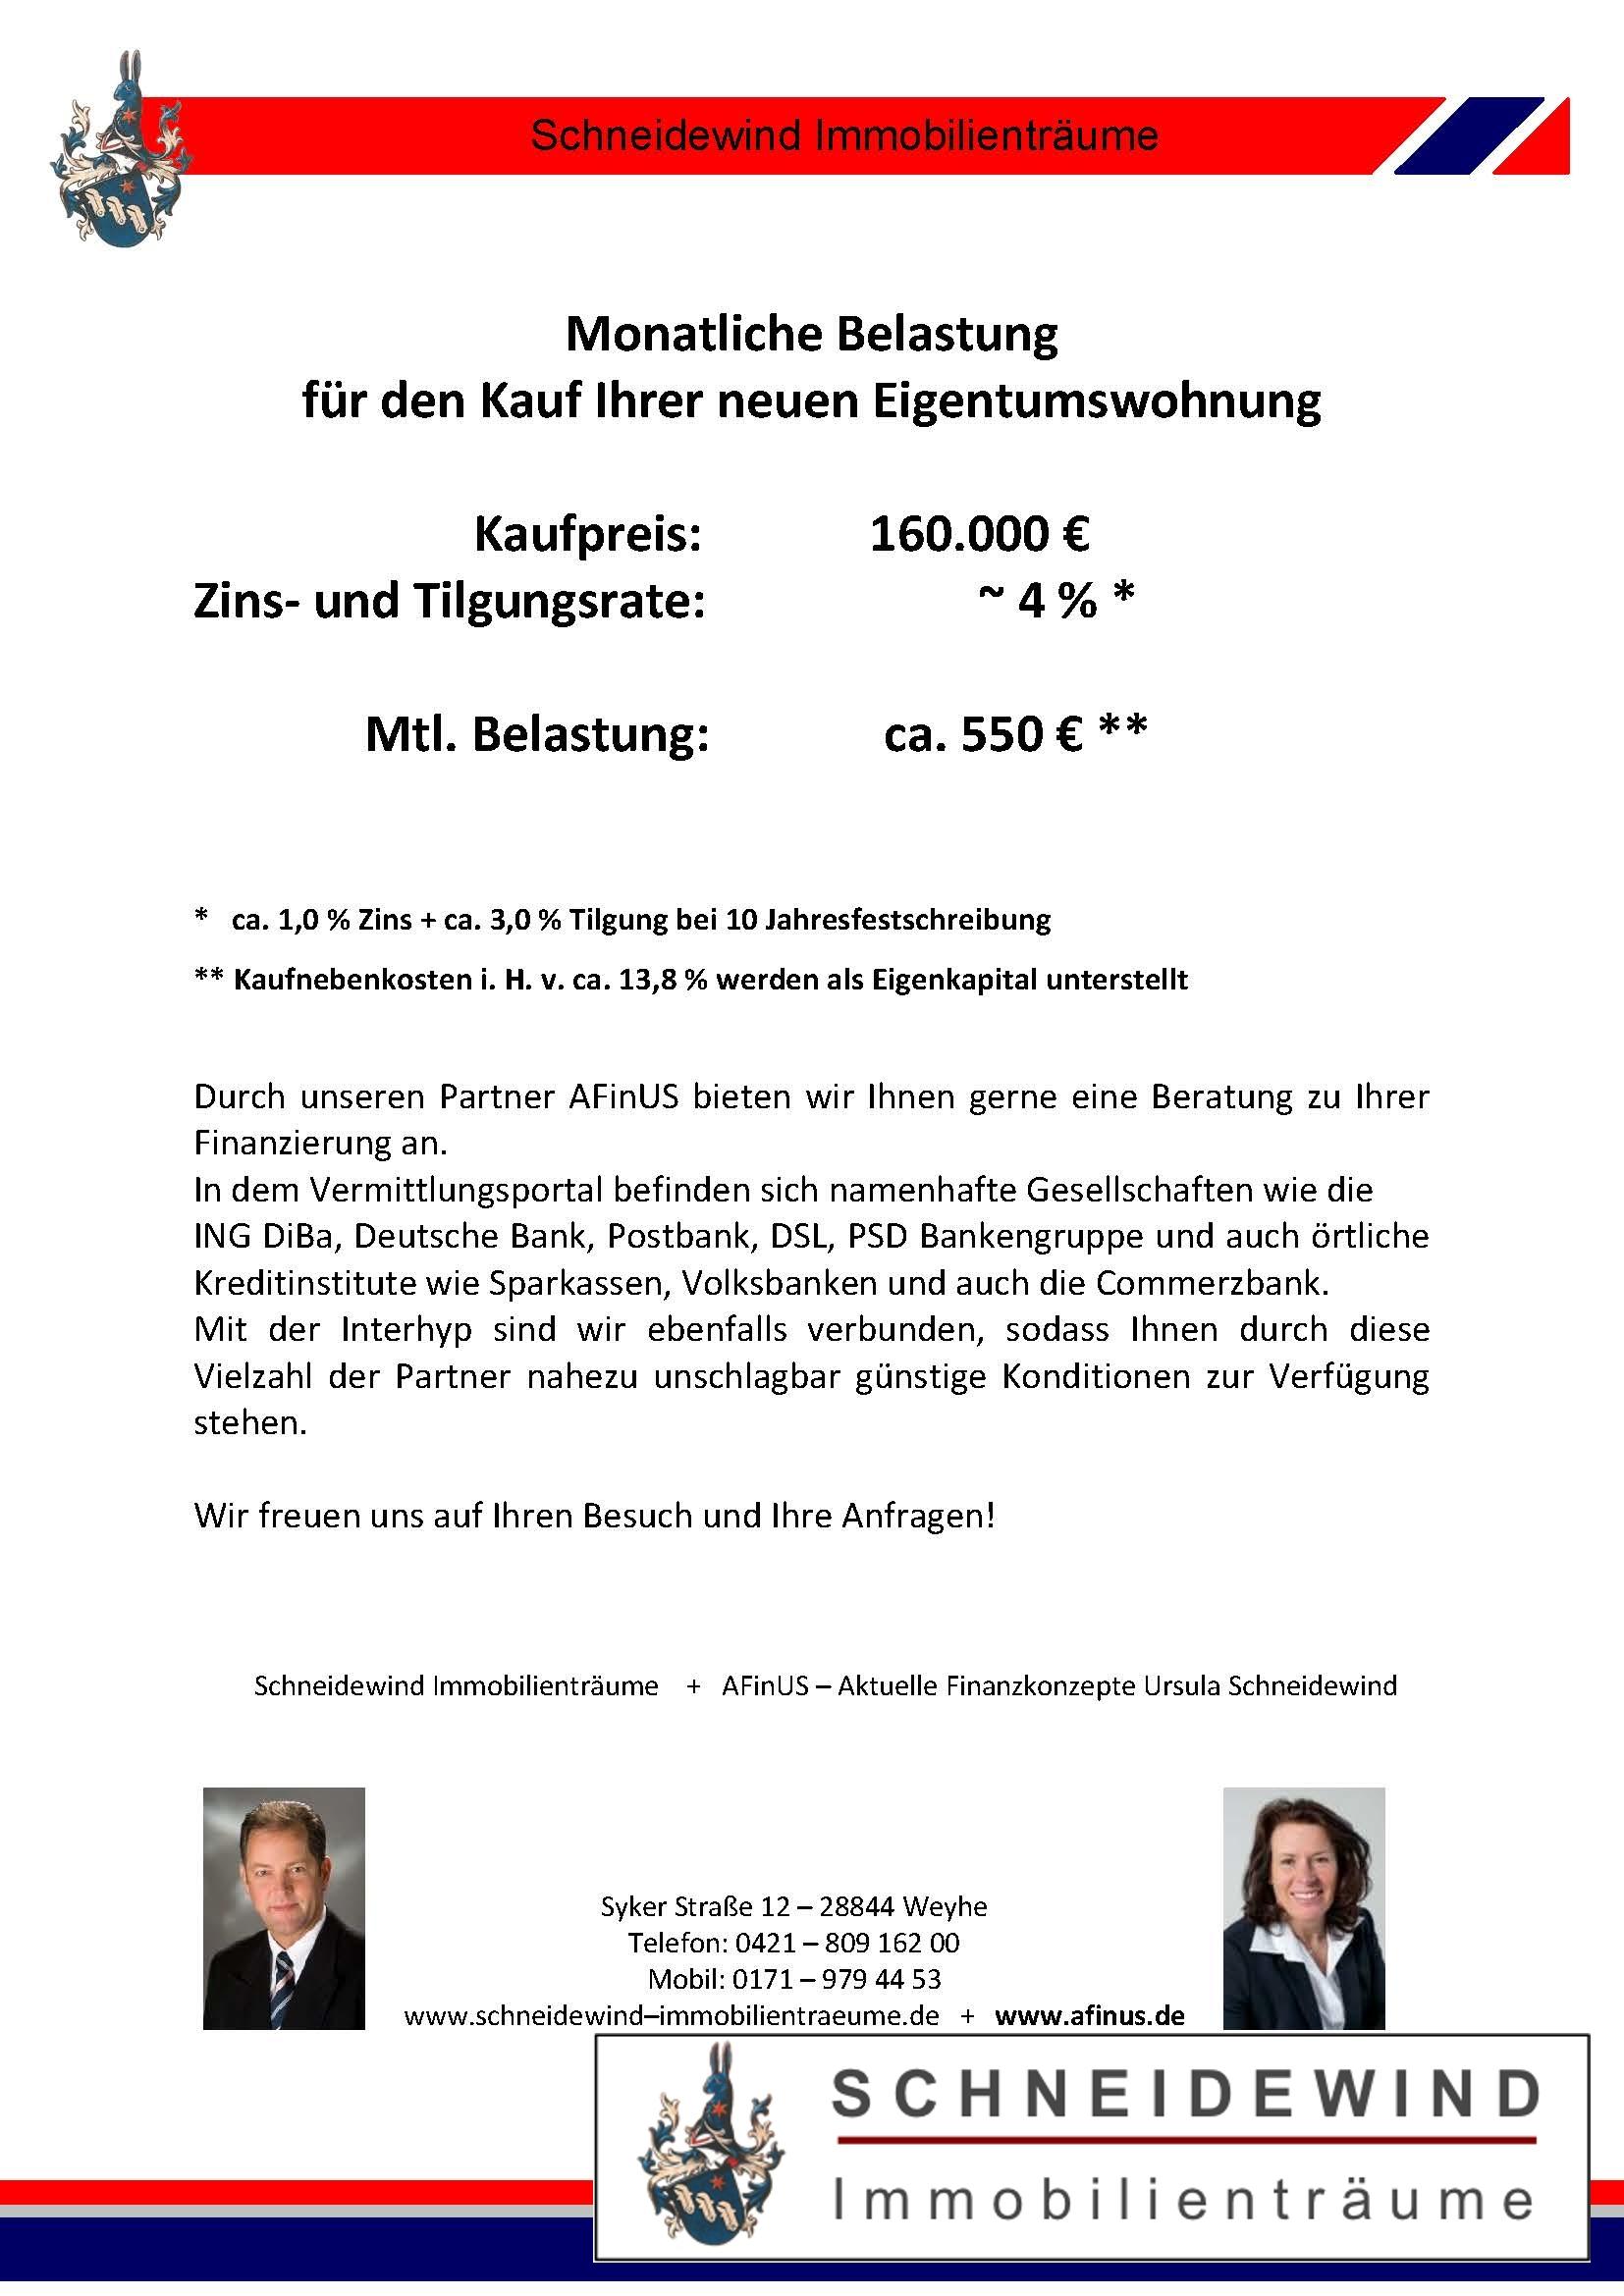 Finanzierungsbeispiel für Eigentumswohnung Weyhe vom 23.06.2020